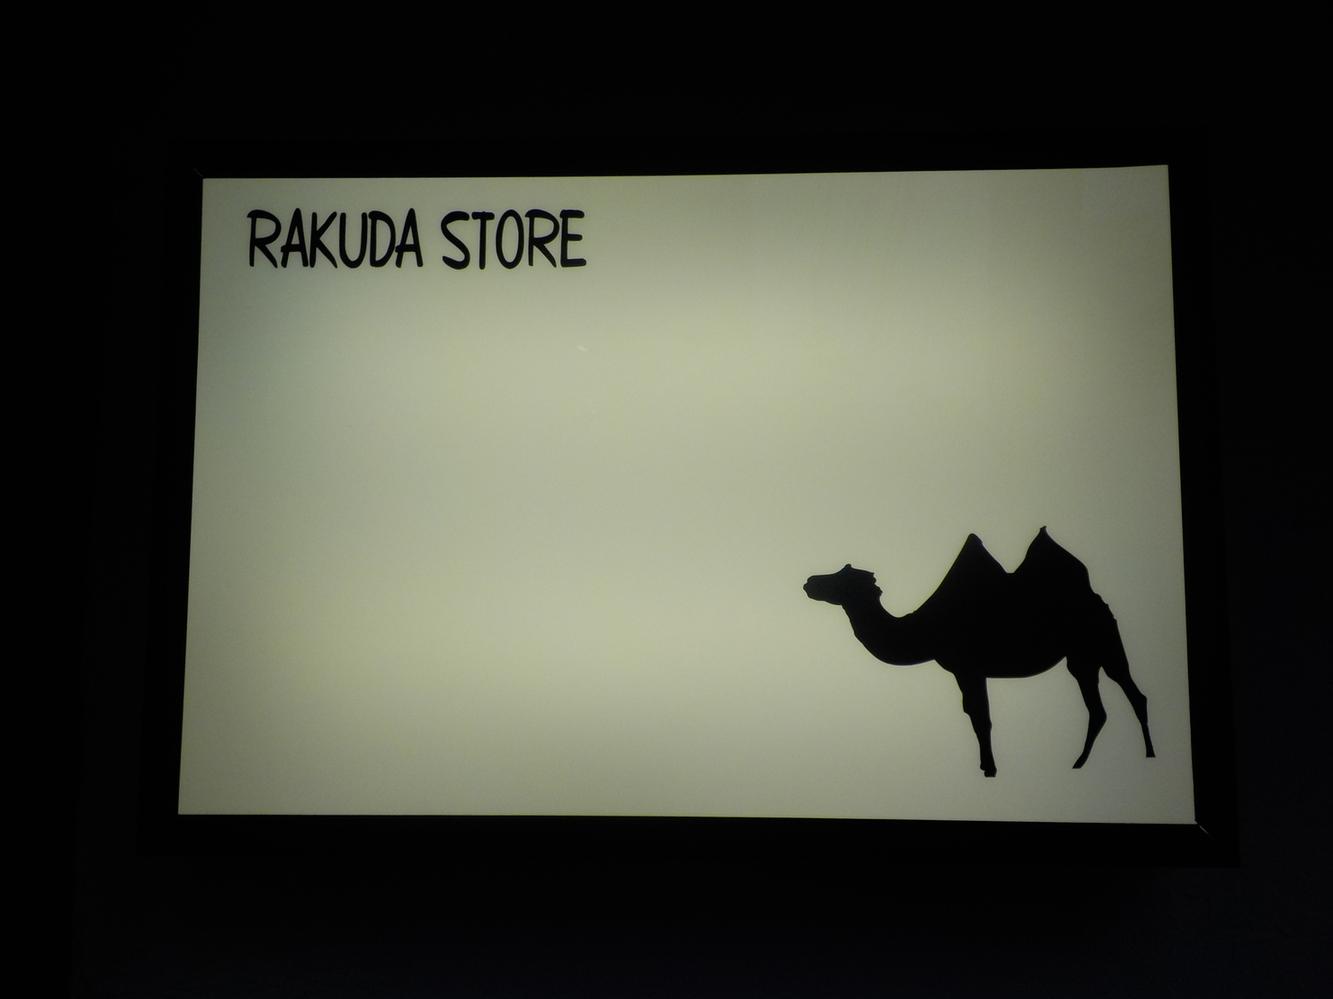 RAKUDA STORE